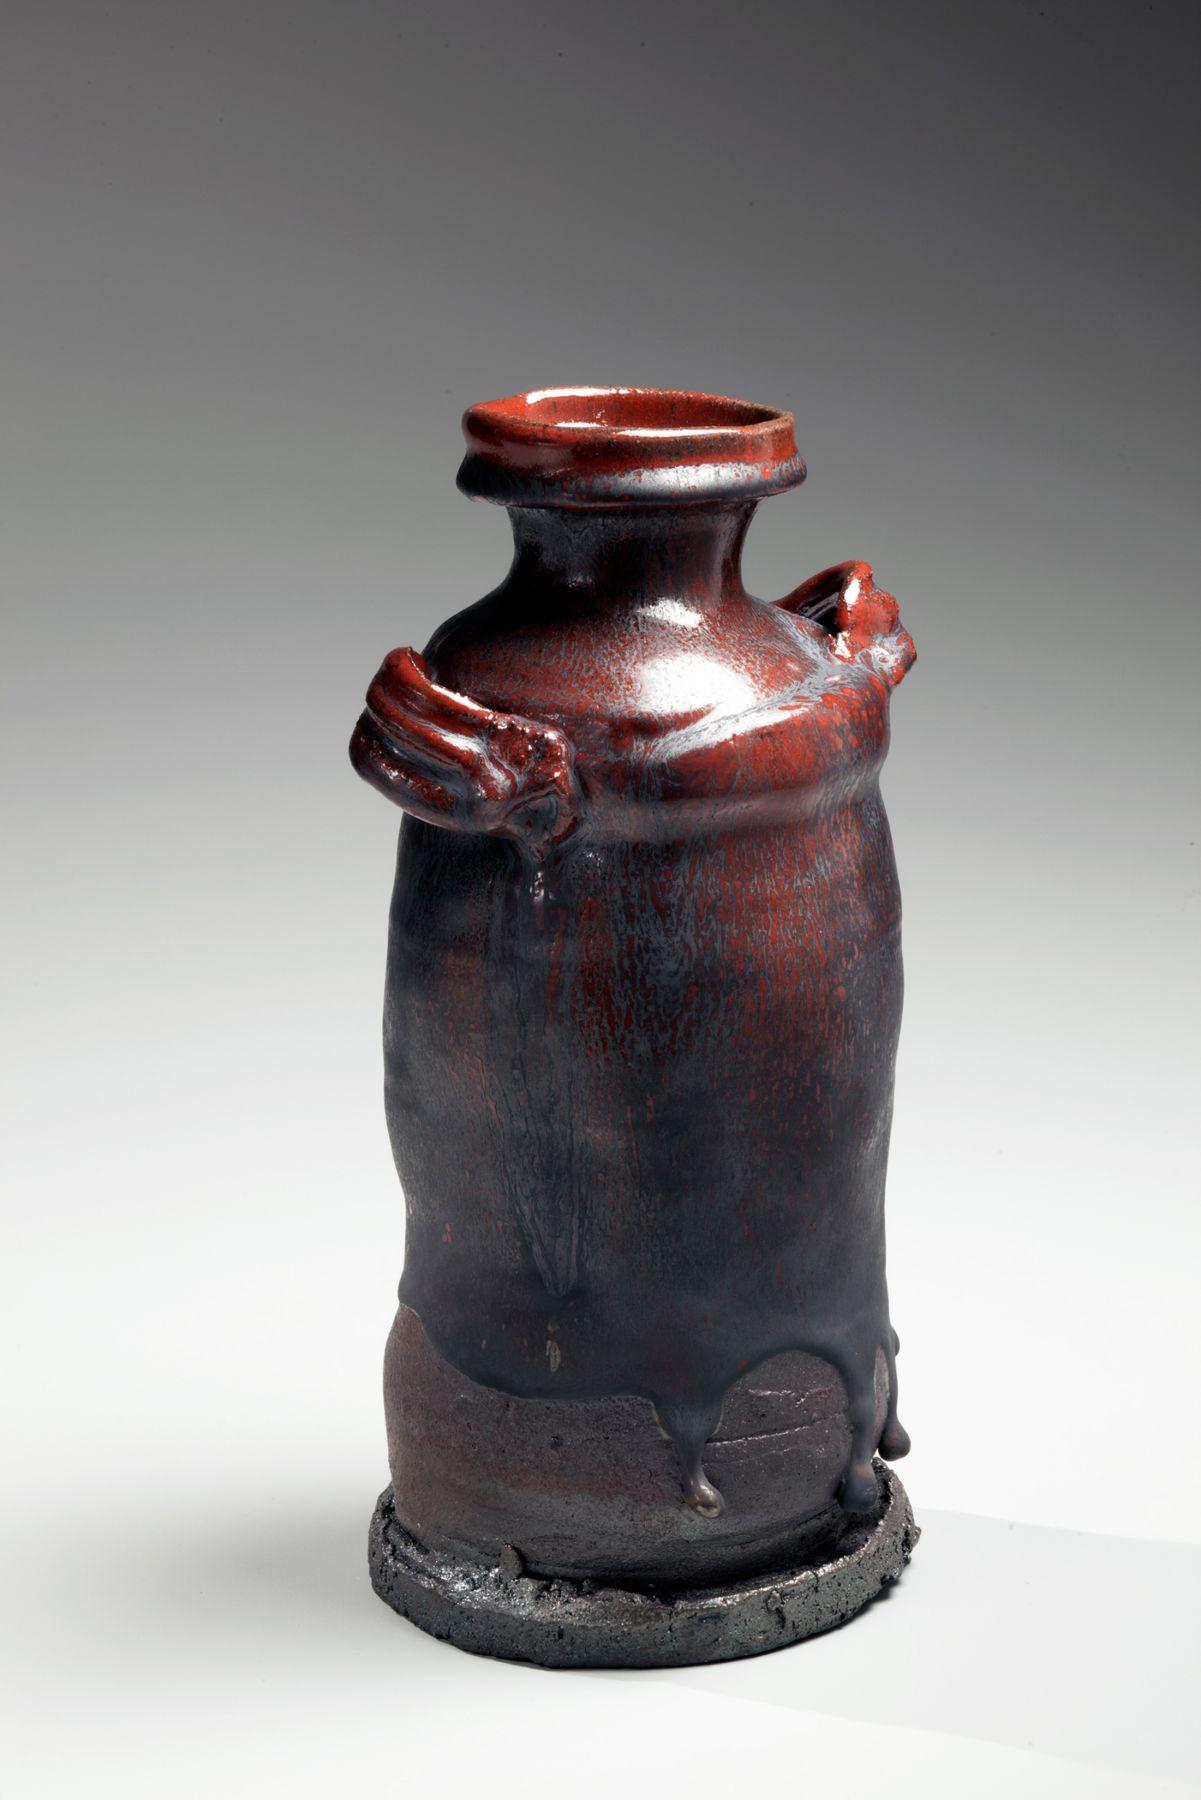 Tanaka Sajiro, flower vase, 2014